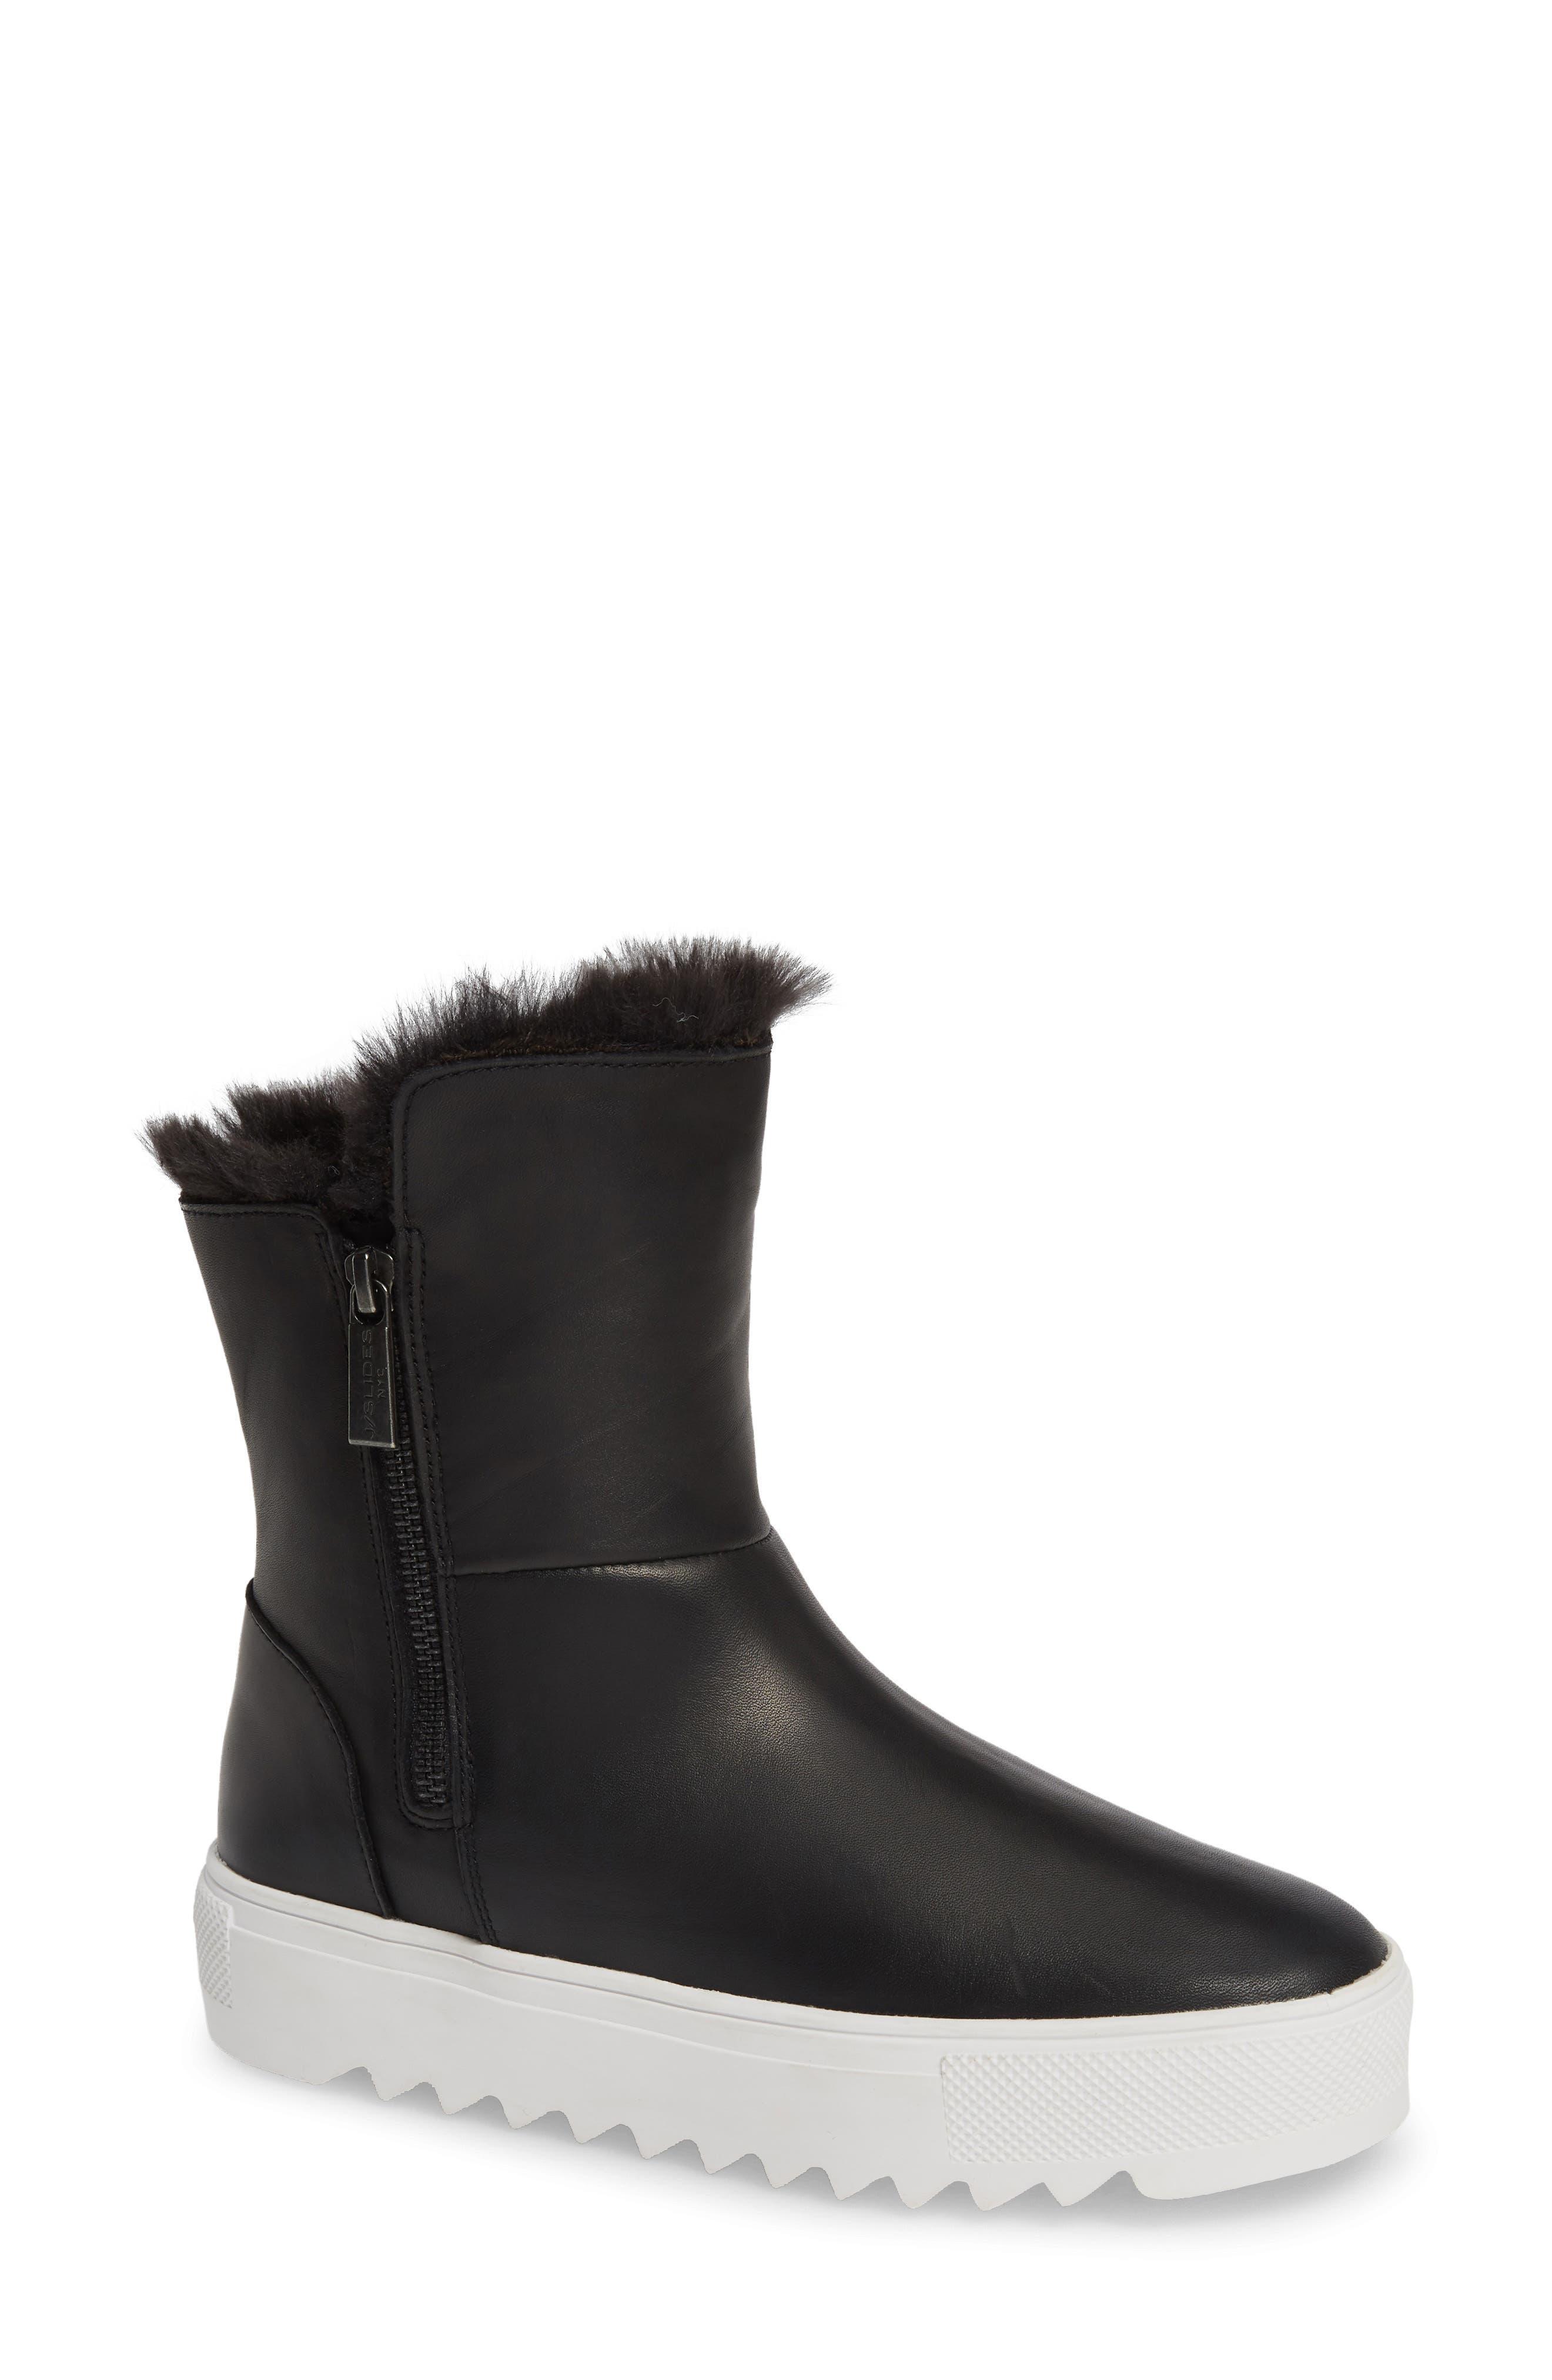 Jslides Selene Faux Fur Lined Waterproof Boot- Black